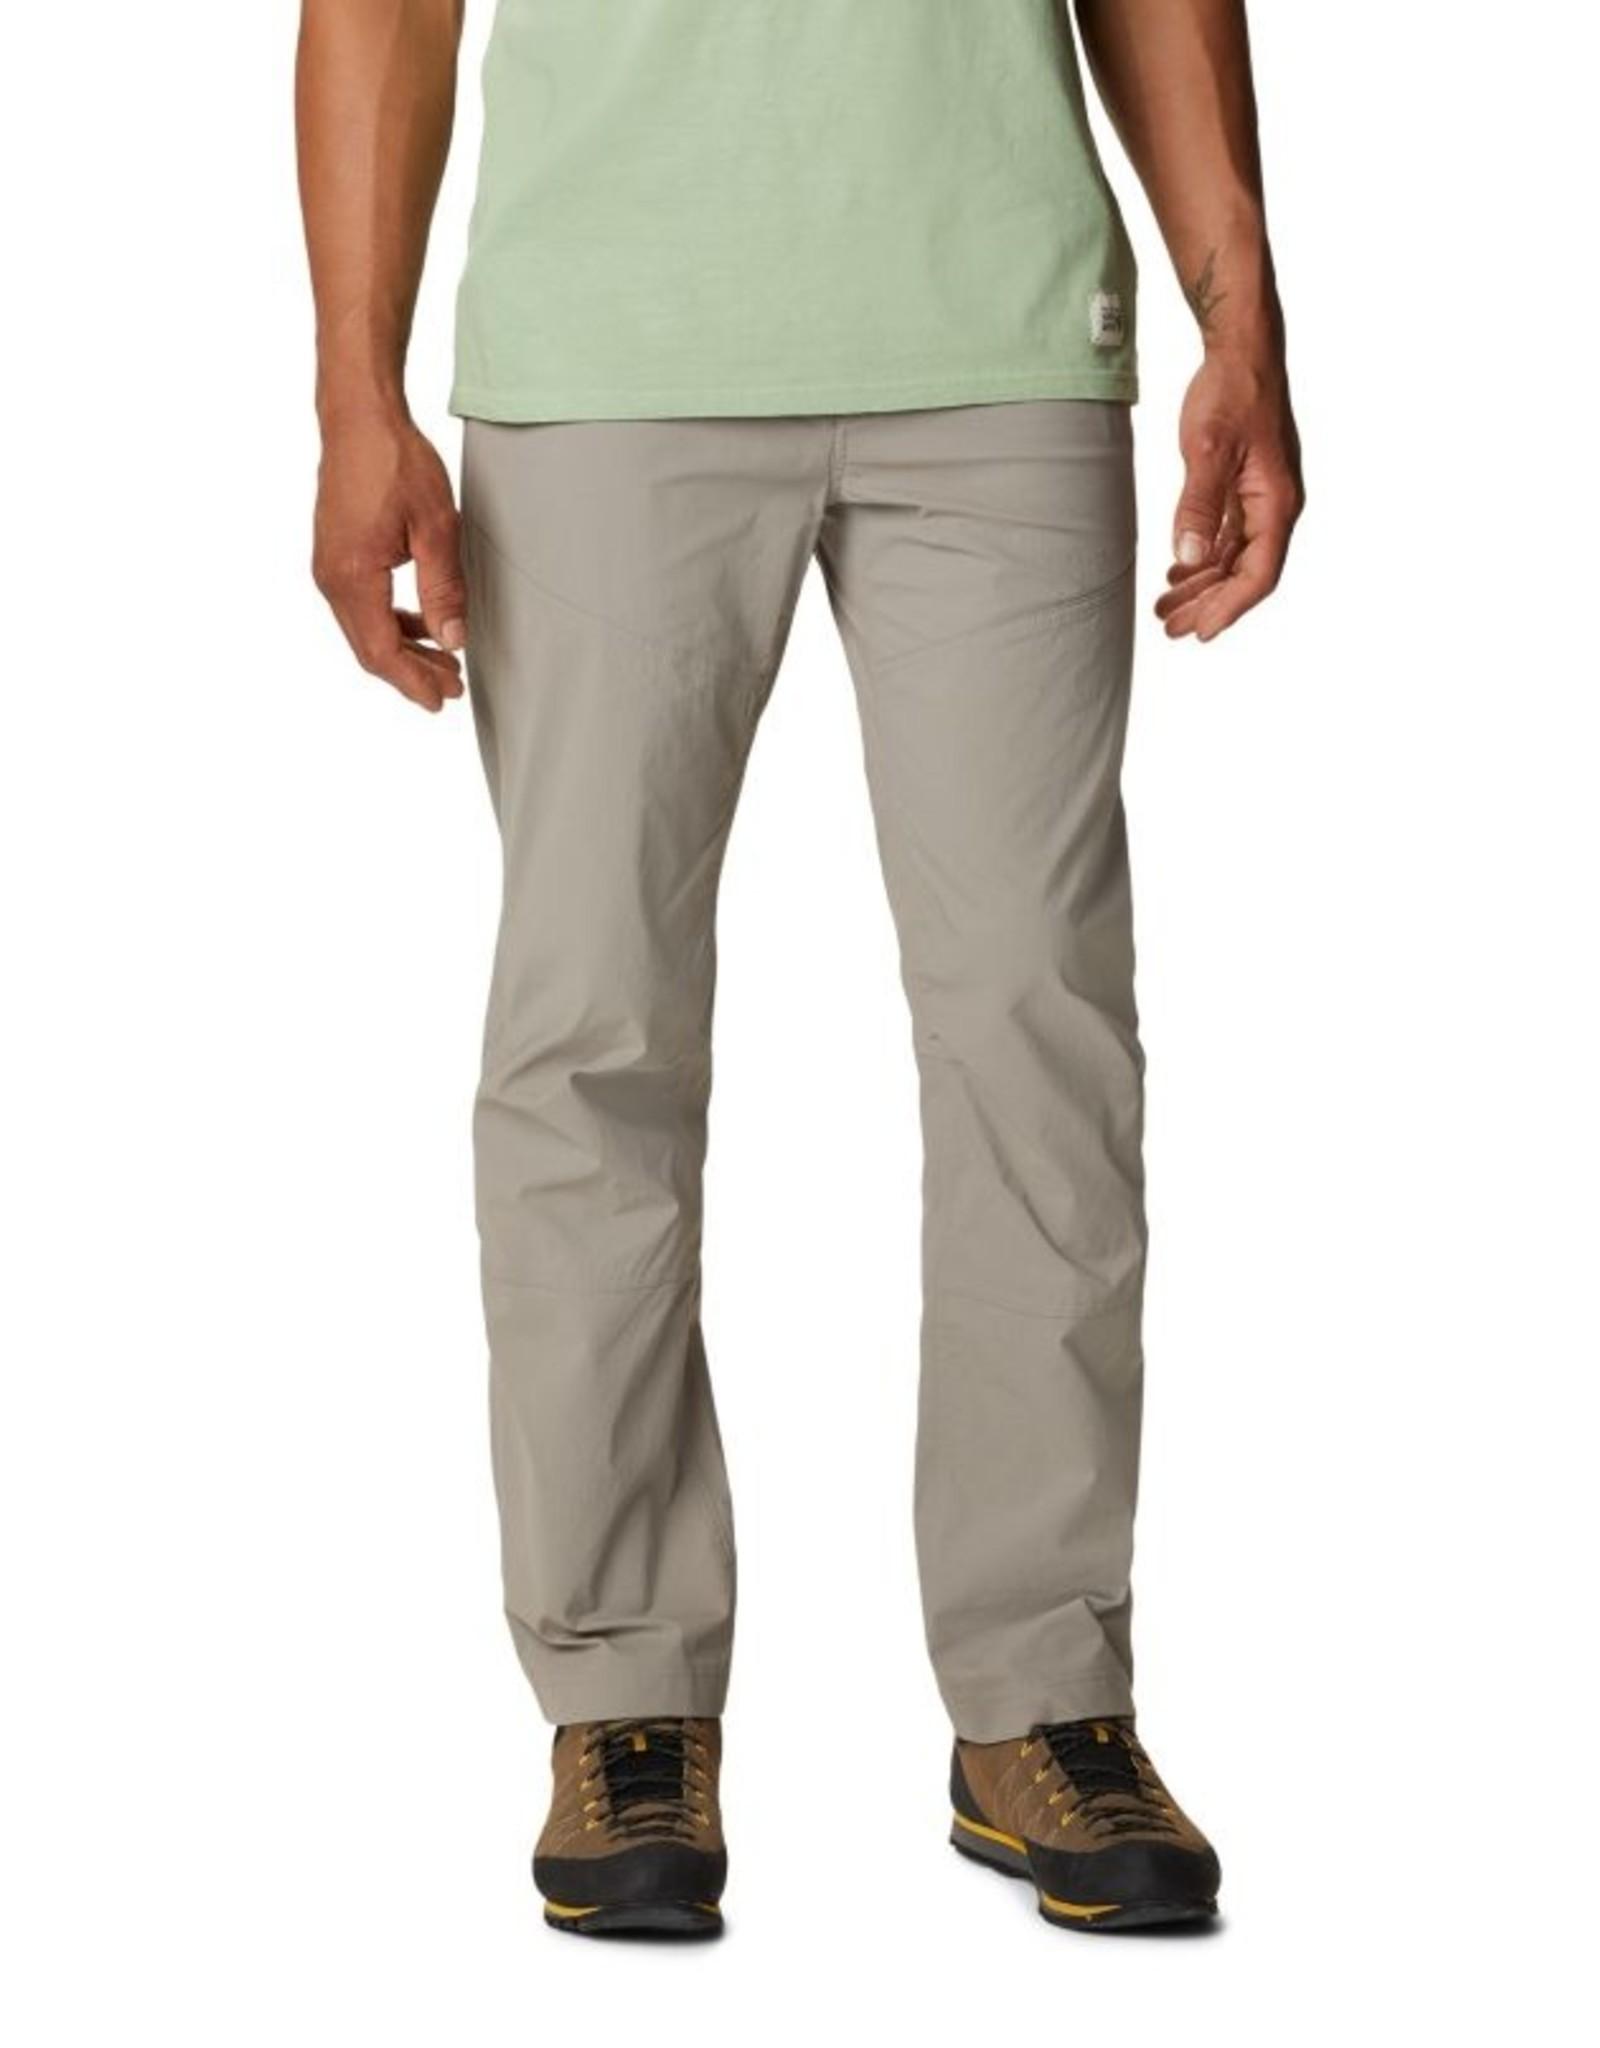 Mountain Hardwear Mountain Hardwear M's Basin Trek pant